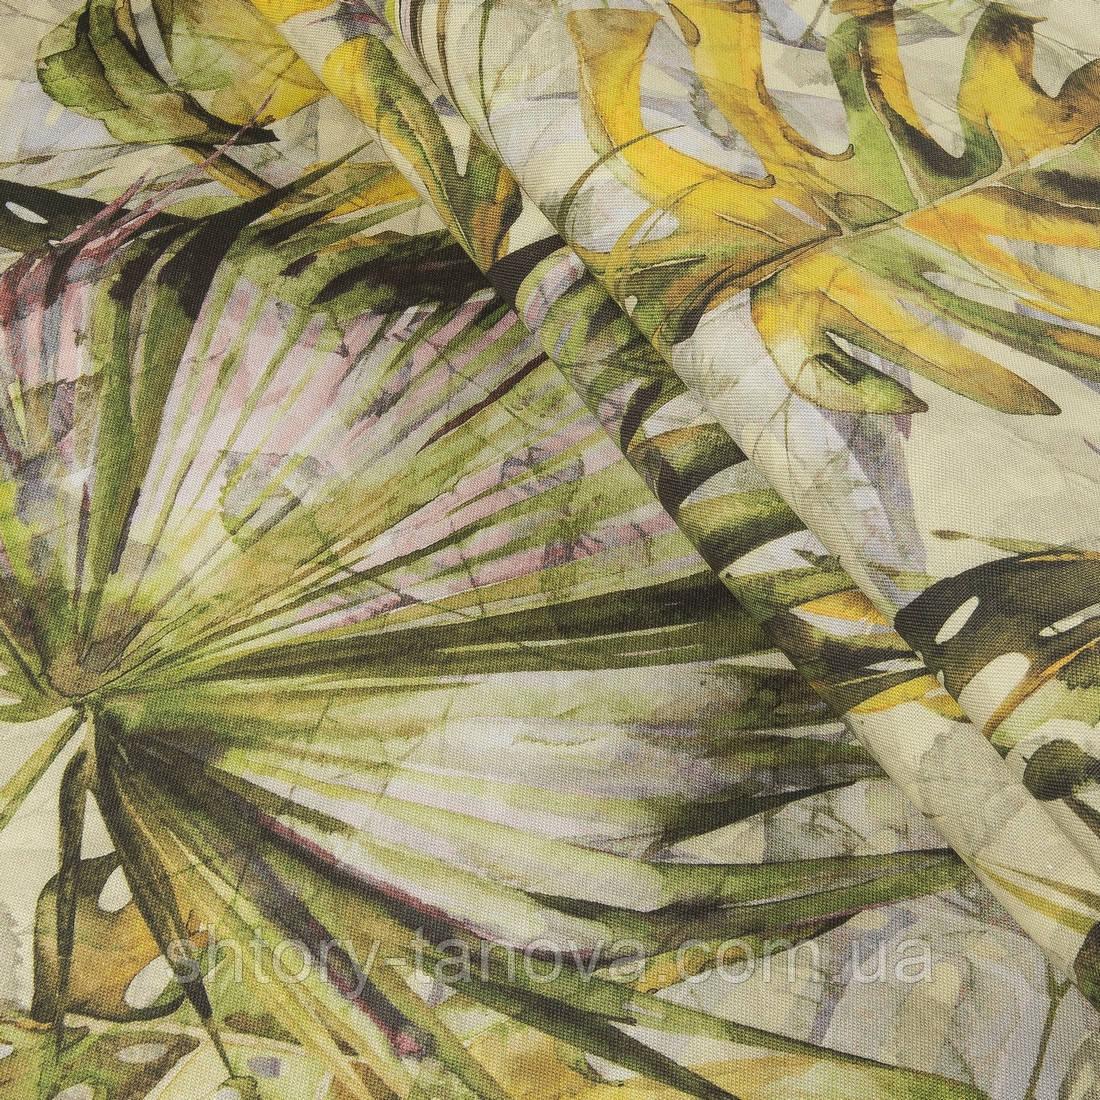 Декоративная ткань осенние листья желтый,т.зеленый